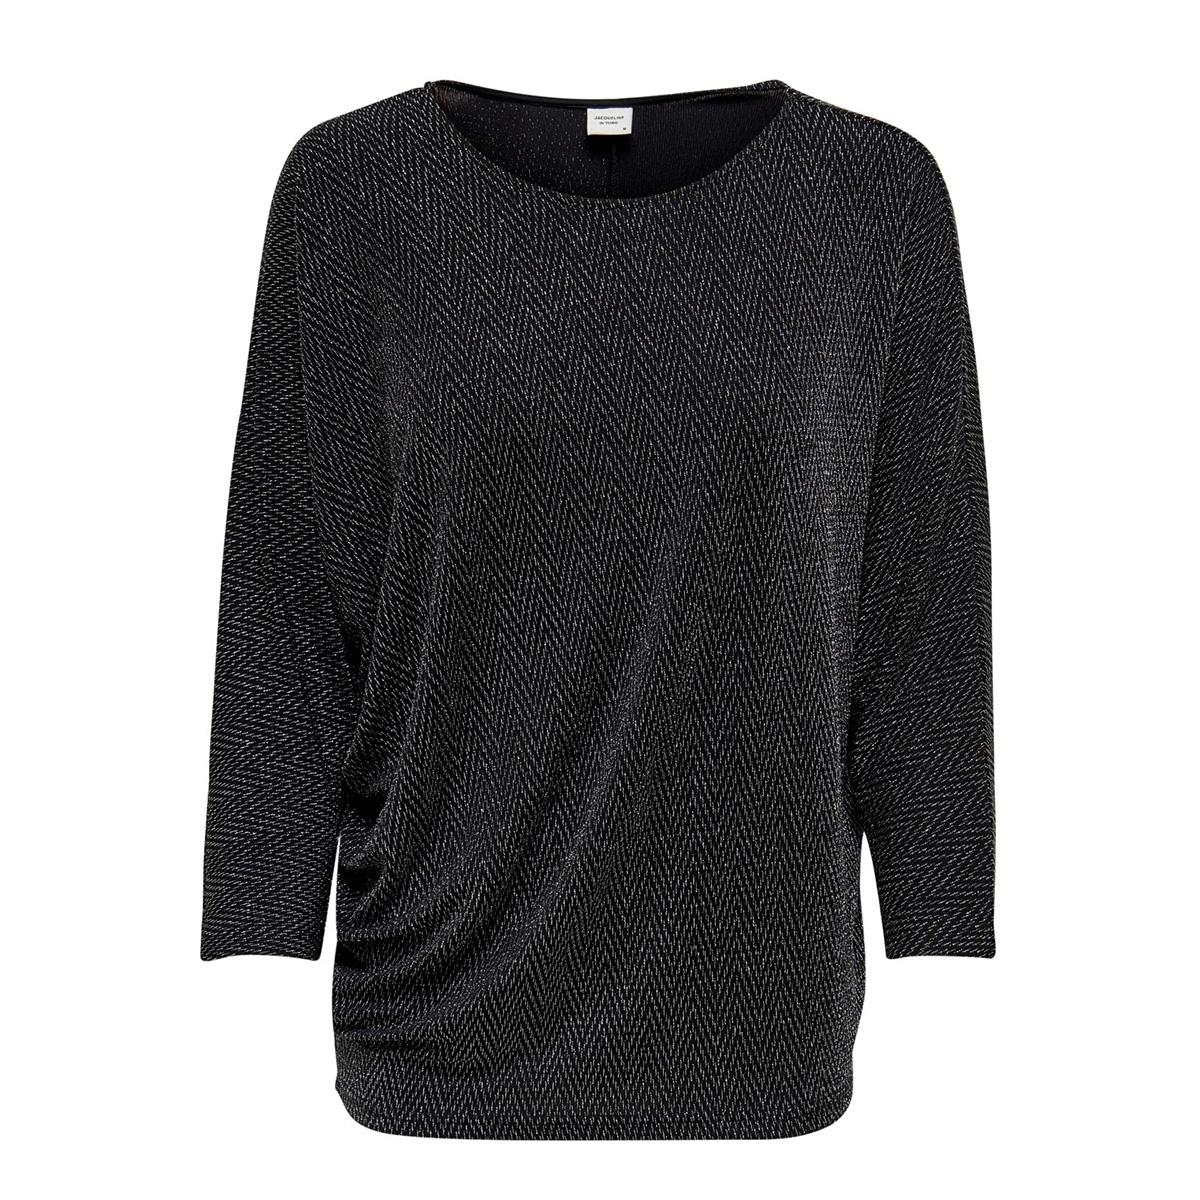 jdyfrei 7/8 top jrs 15185957 jacqueline de yong t-shirt black/silver lur